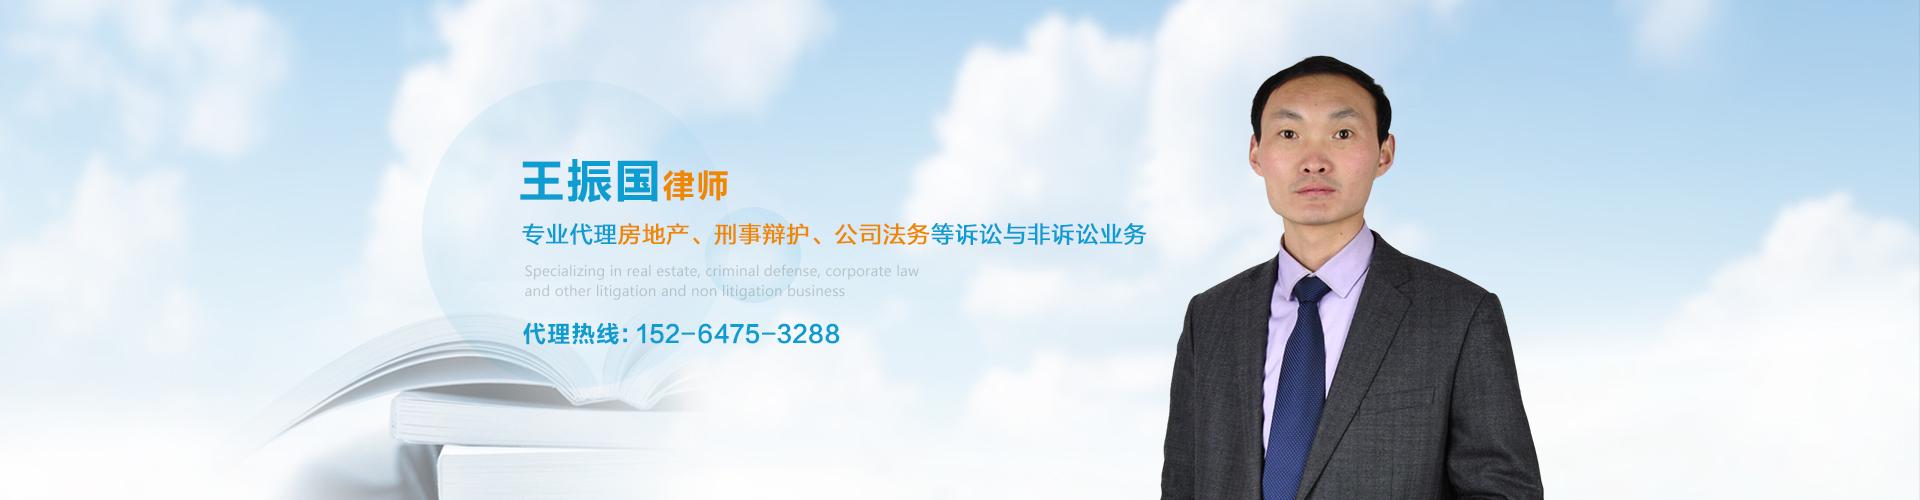 山东王振国律师